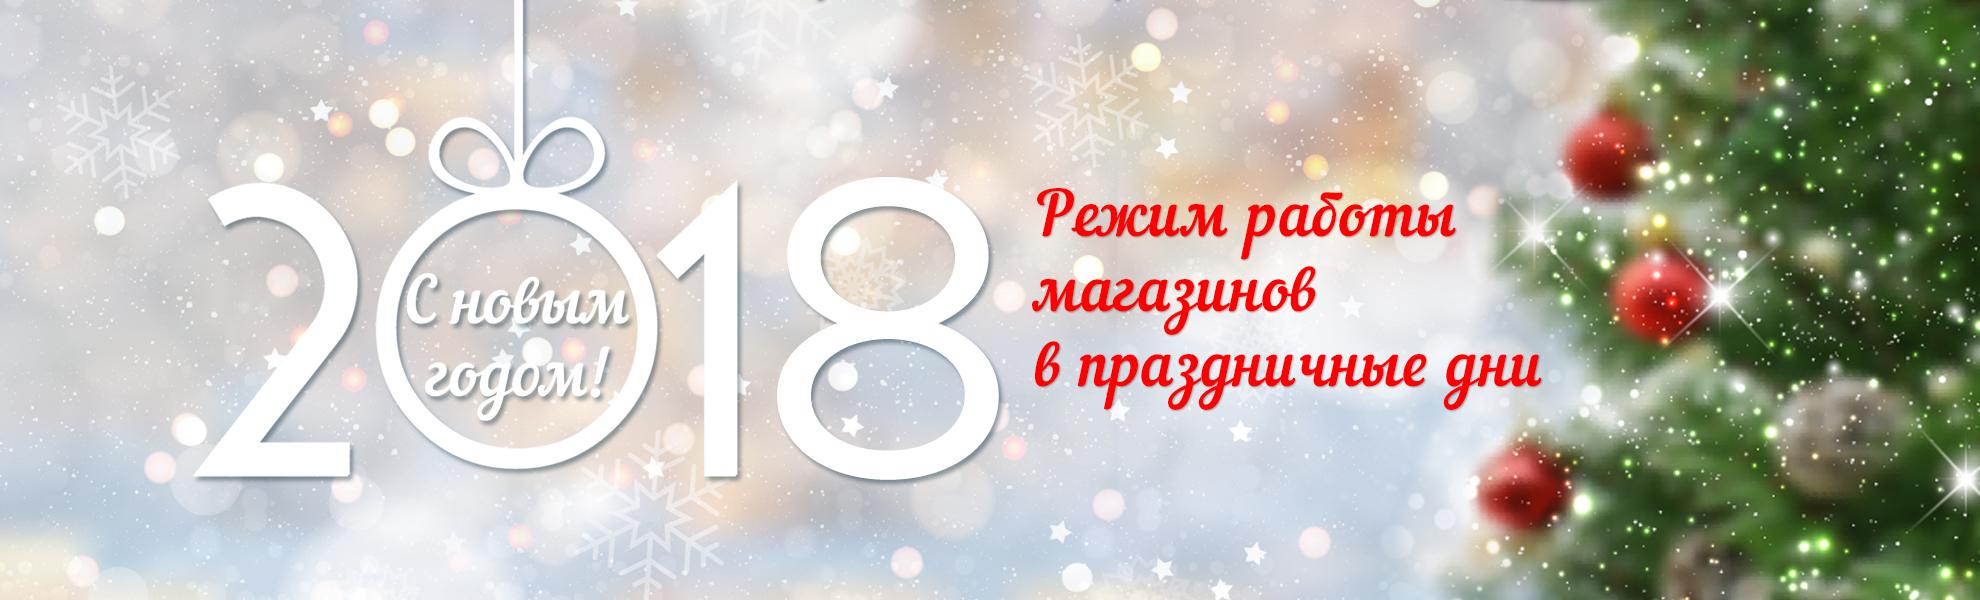 a36377d423c Компания «Яркий фотомаркет» поздравляет всех с Новым 2018 годом! Желает от  всей души счастья